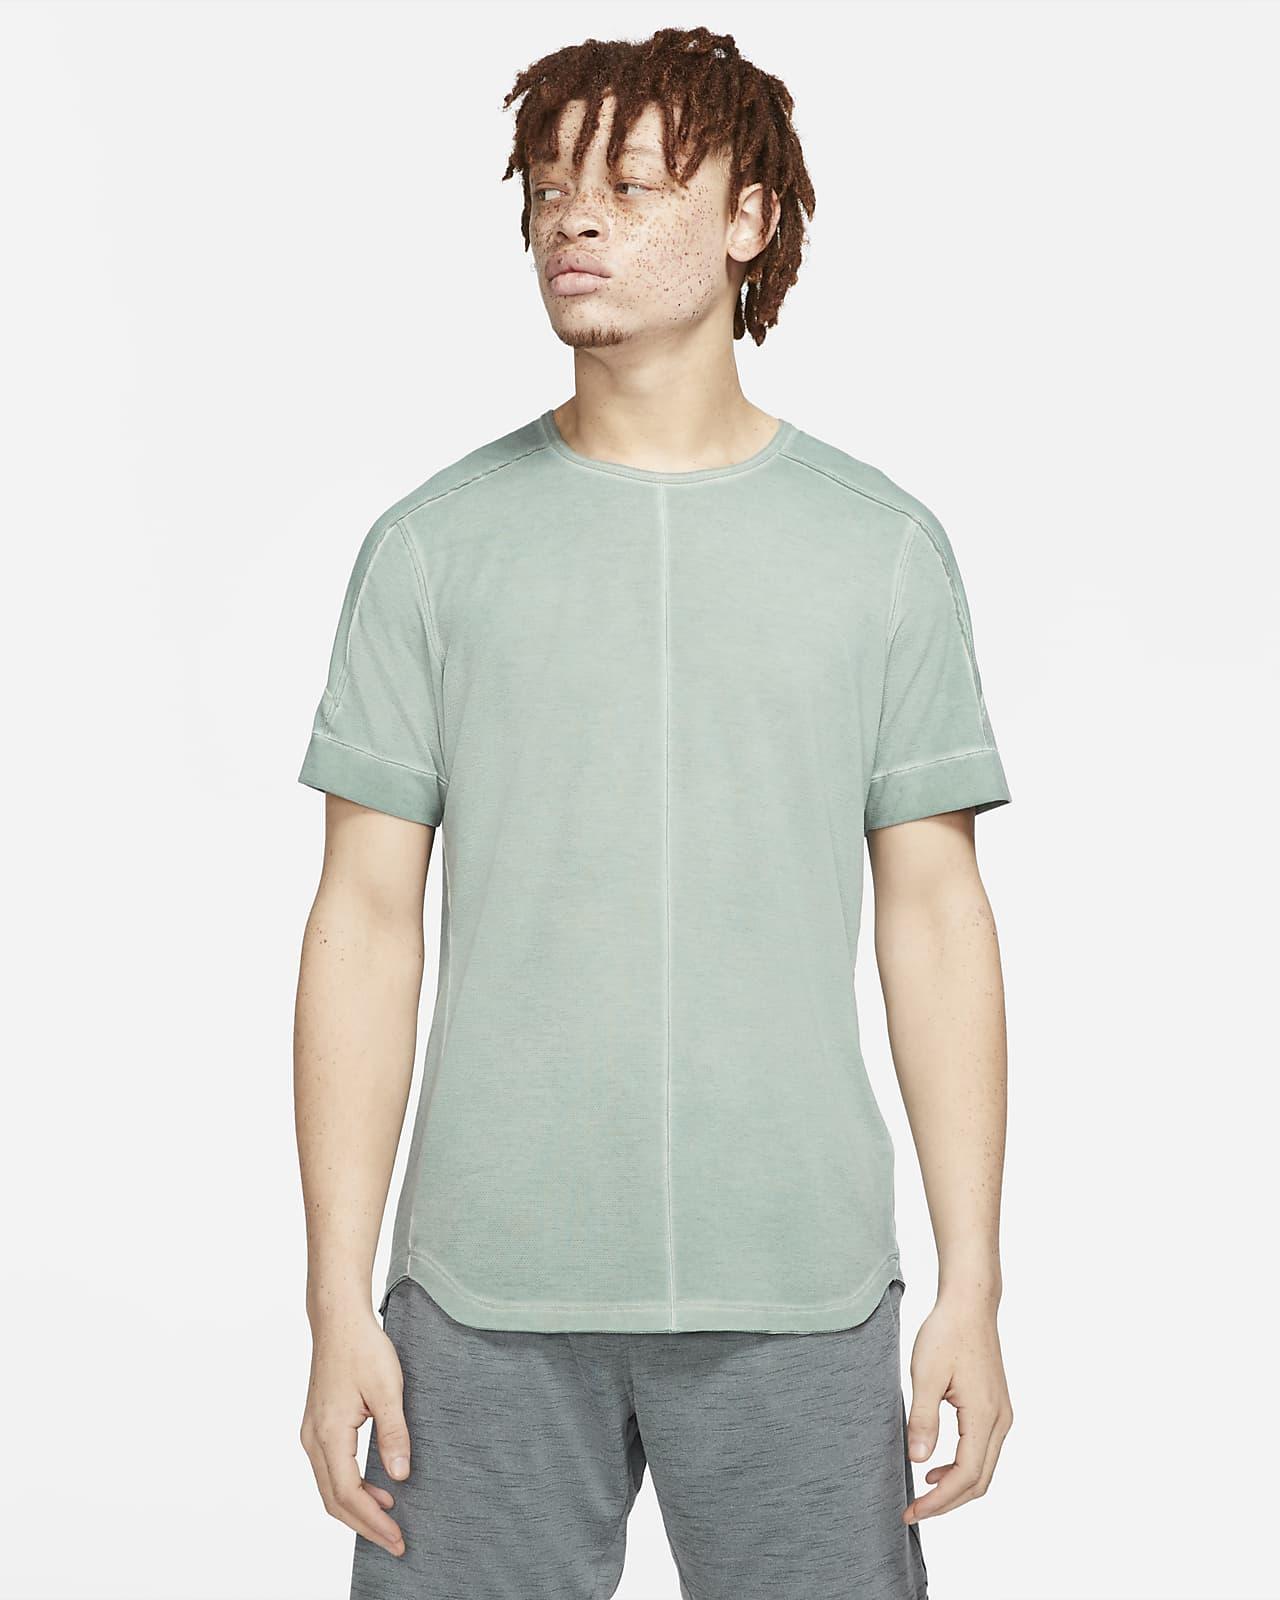 Barvené pánské tričko najógu skrátkým rukávem